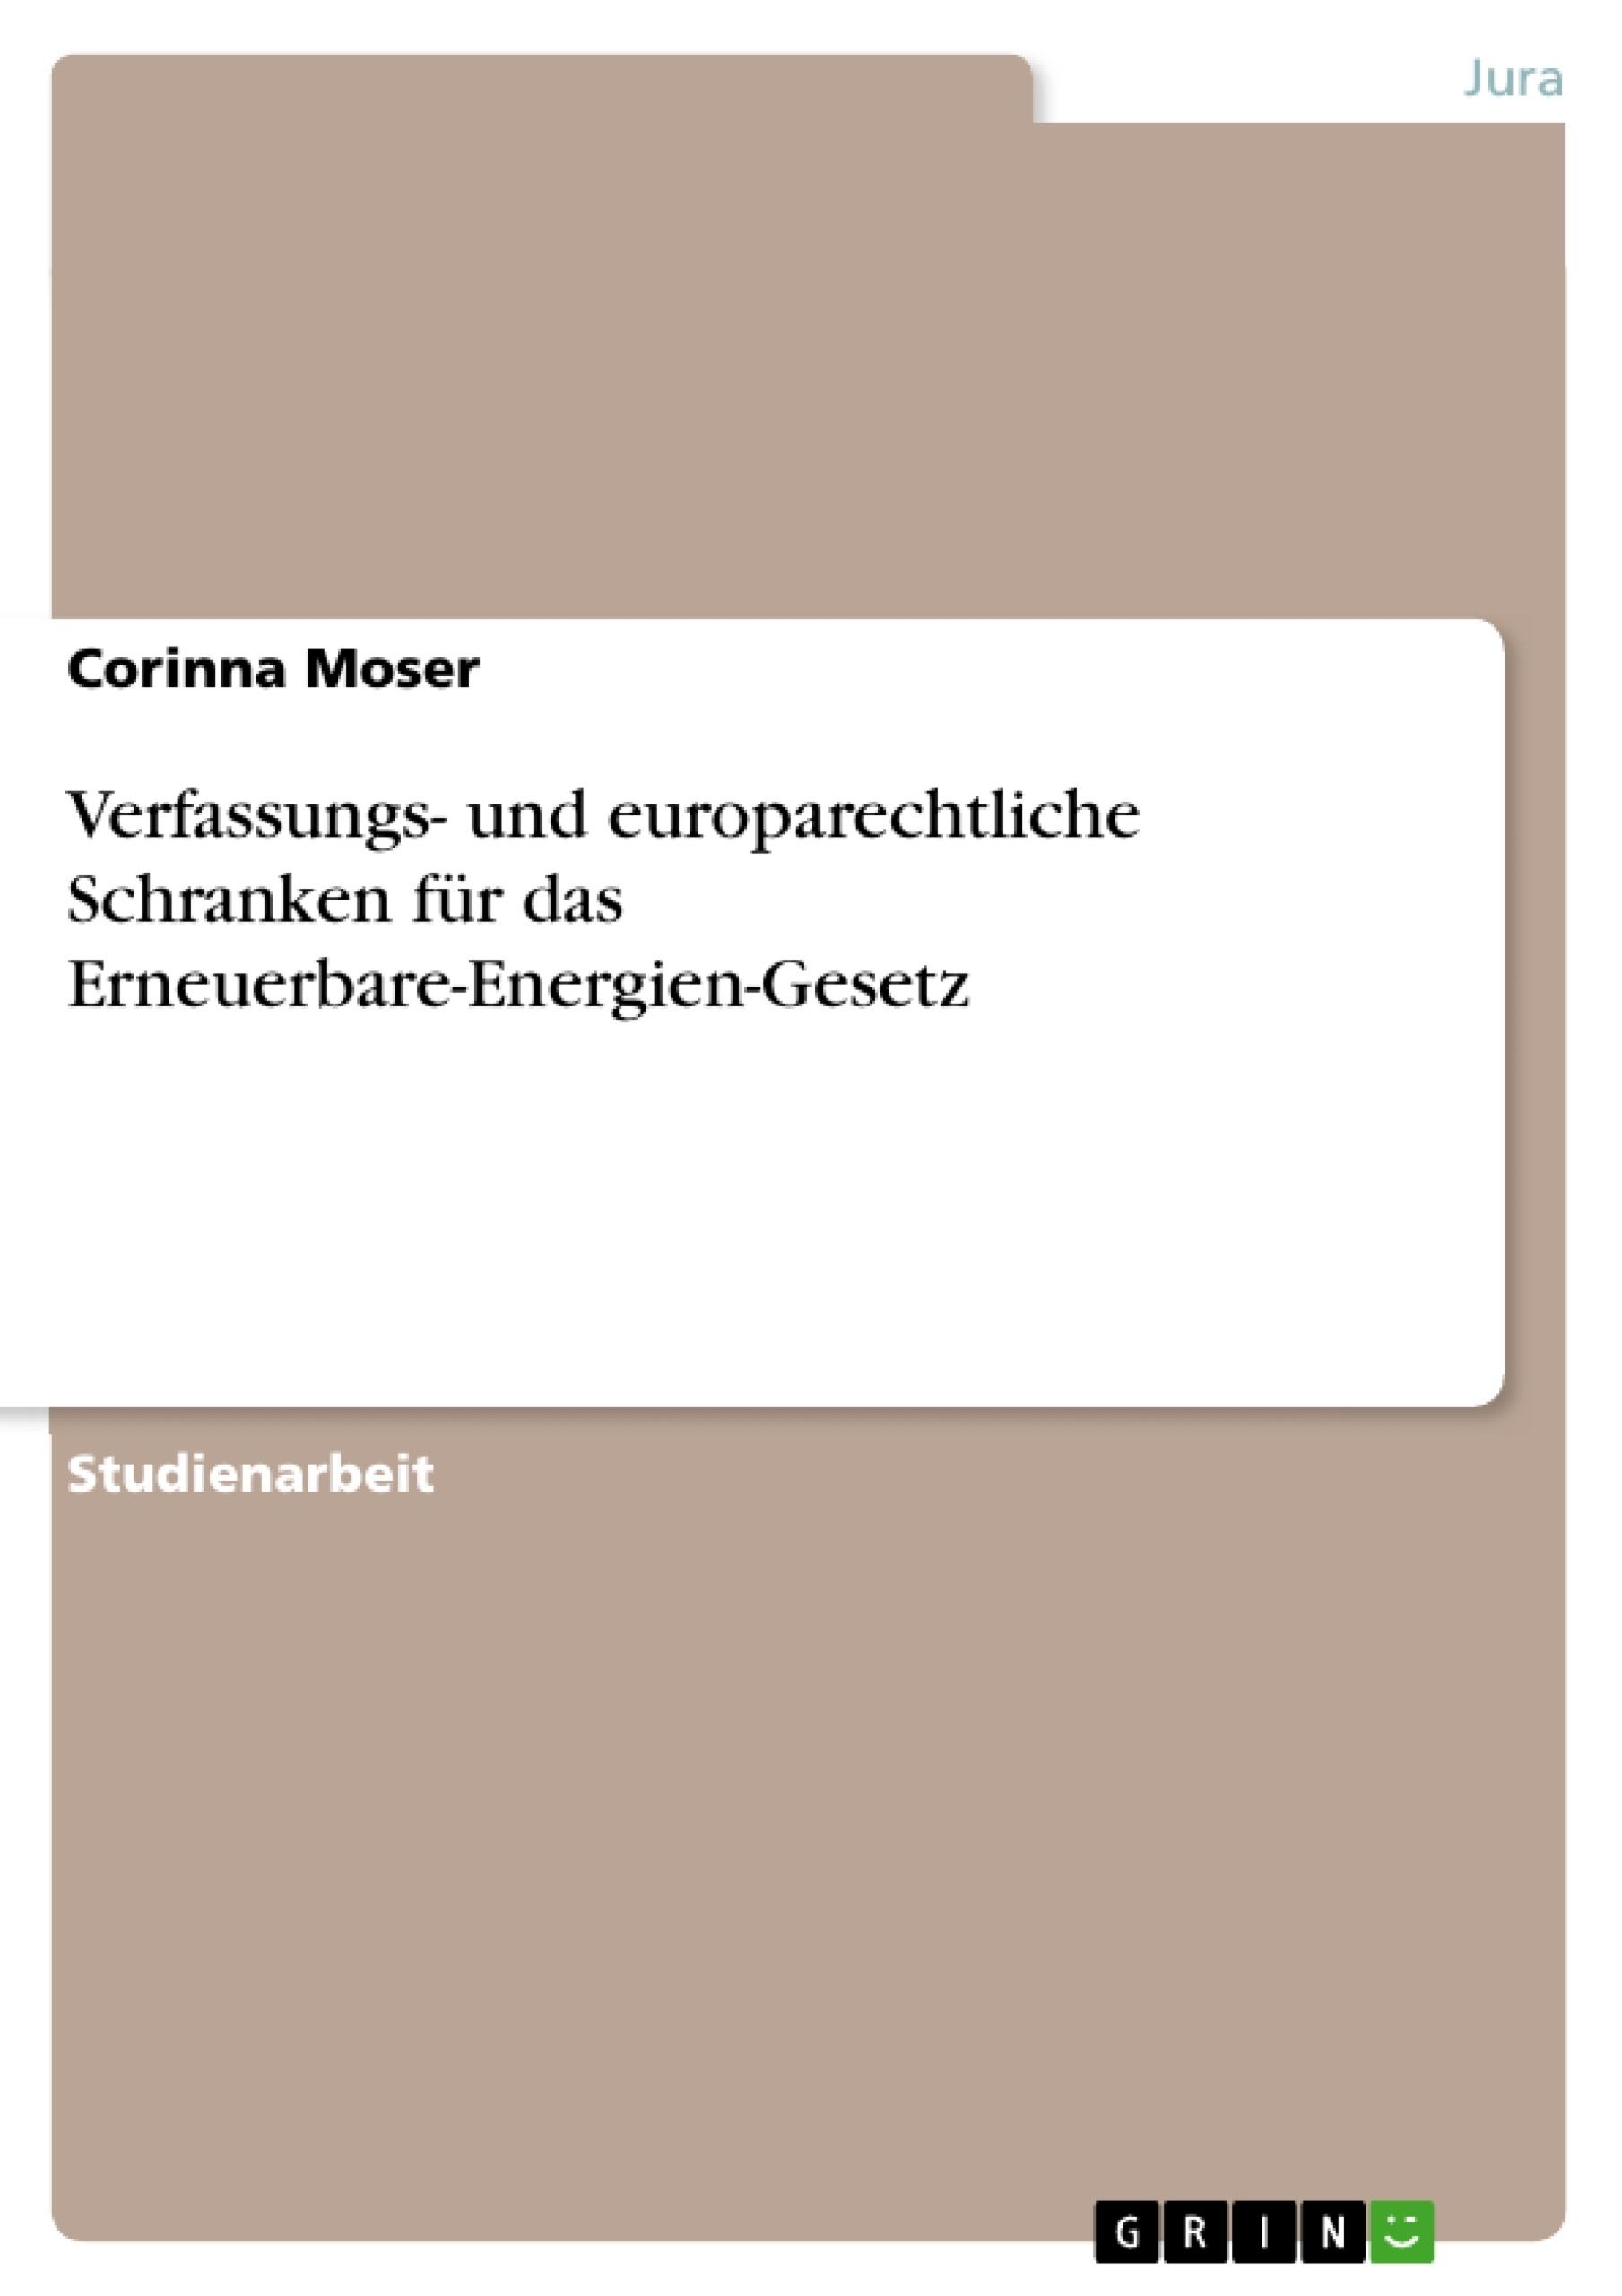 Titel: Verfassungs- und europarechtliche Schranken für das Erneuerbare-Energien-Gesetz